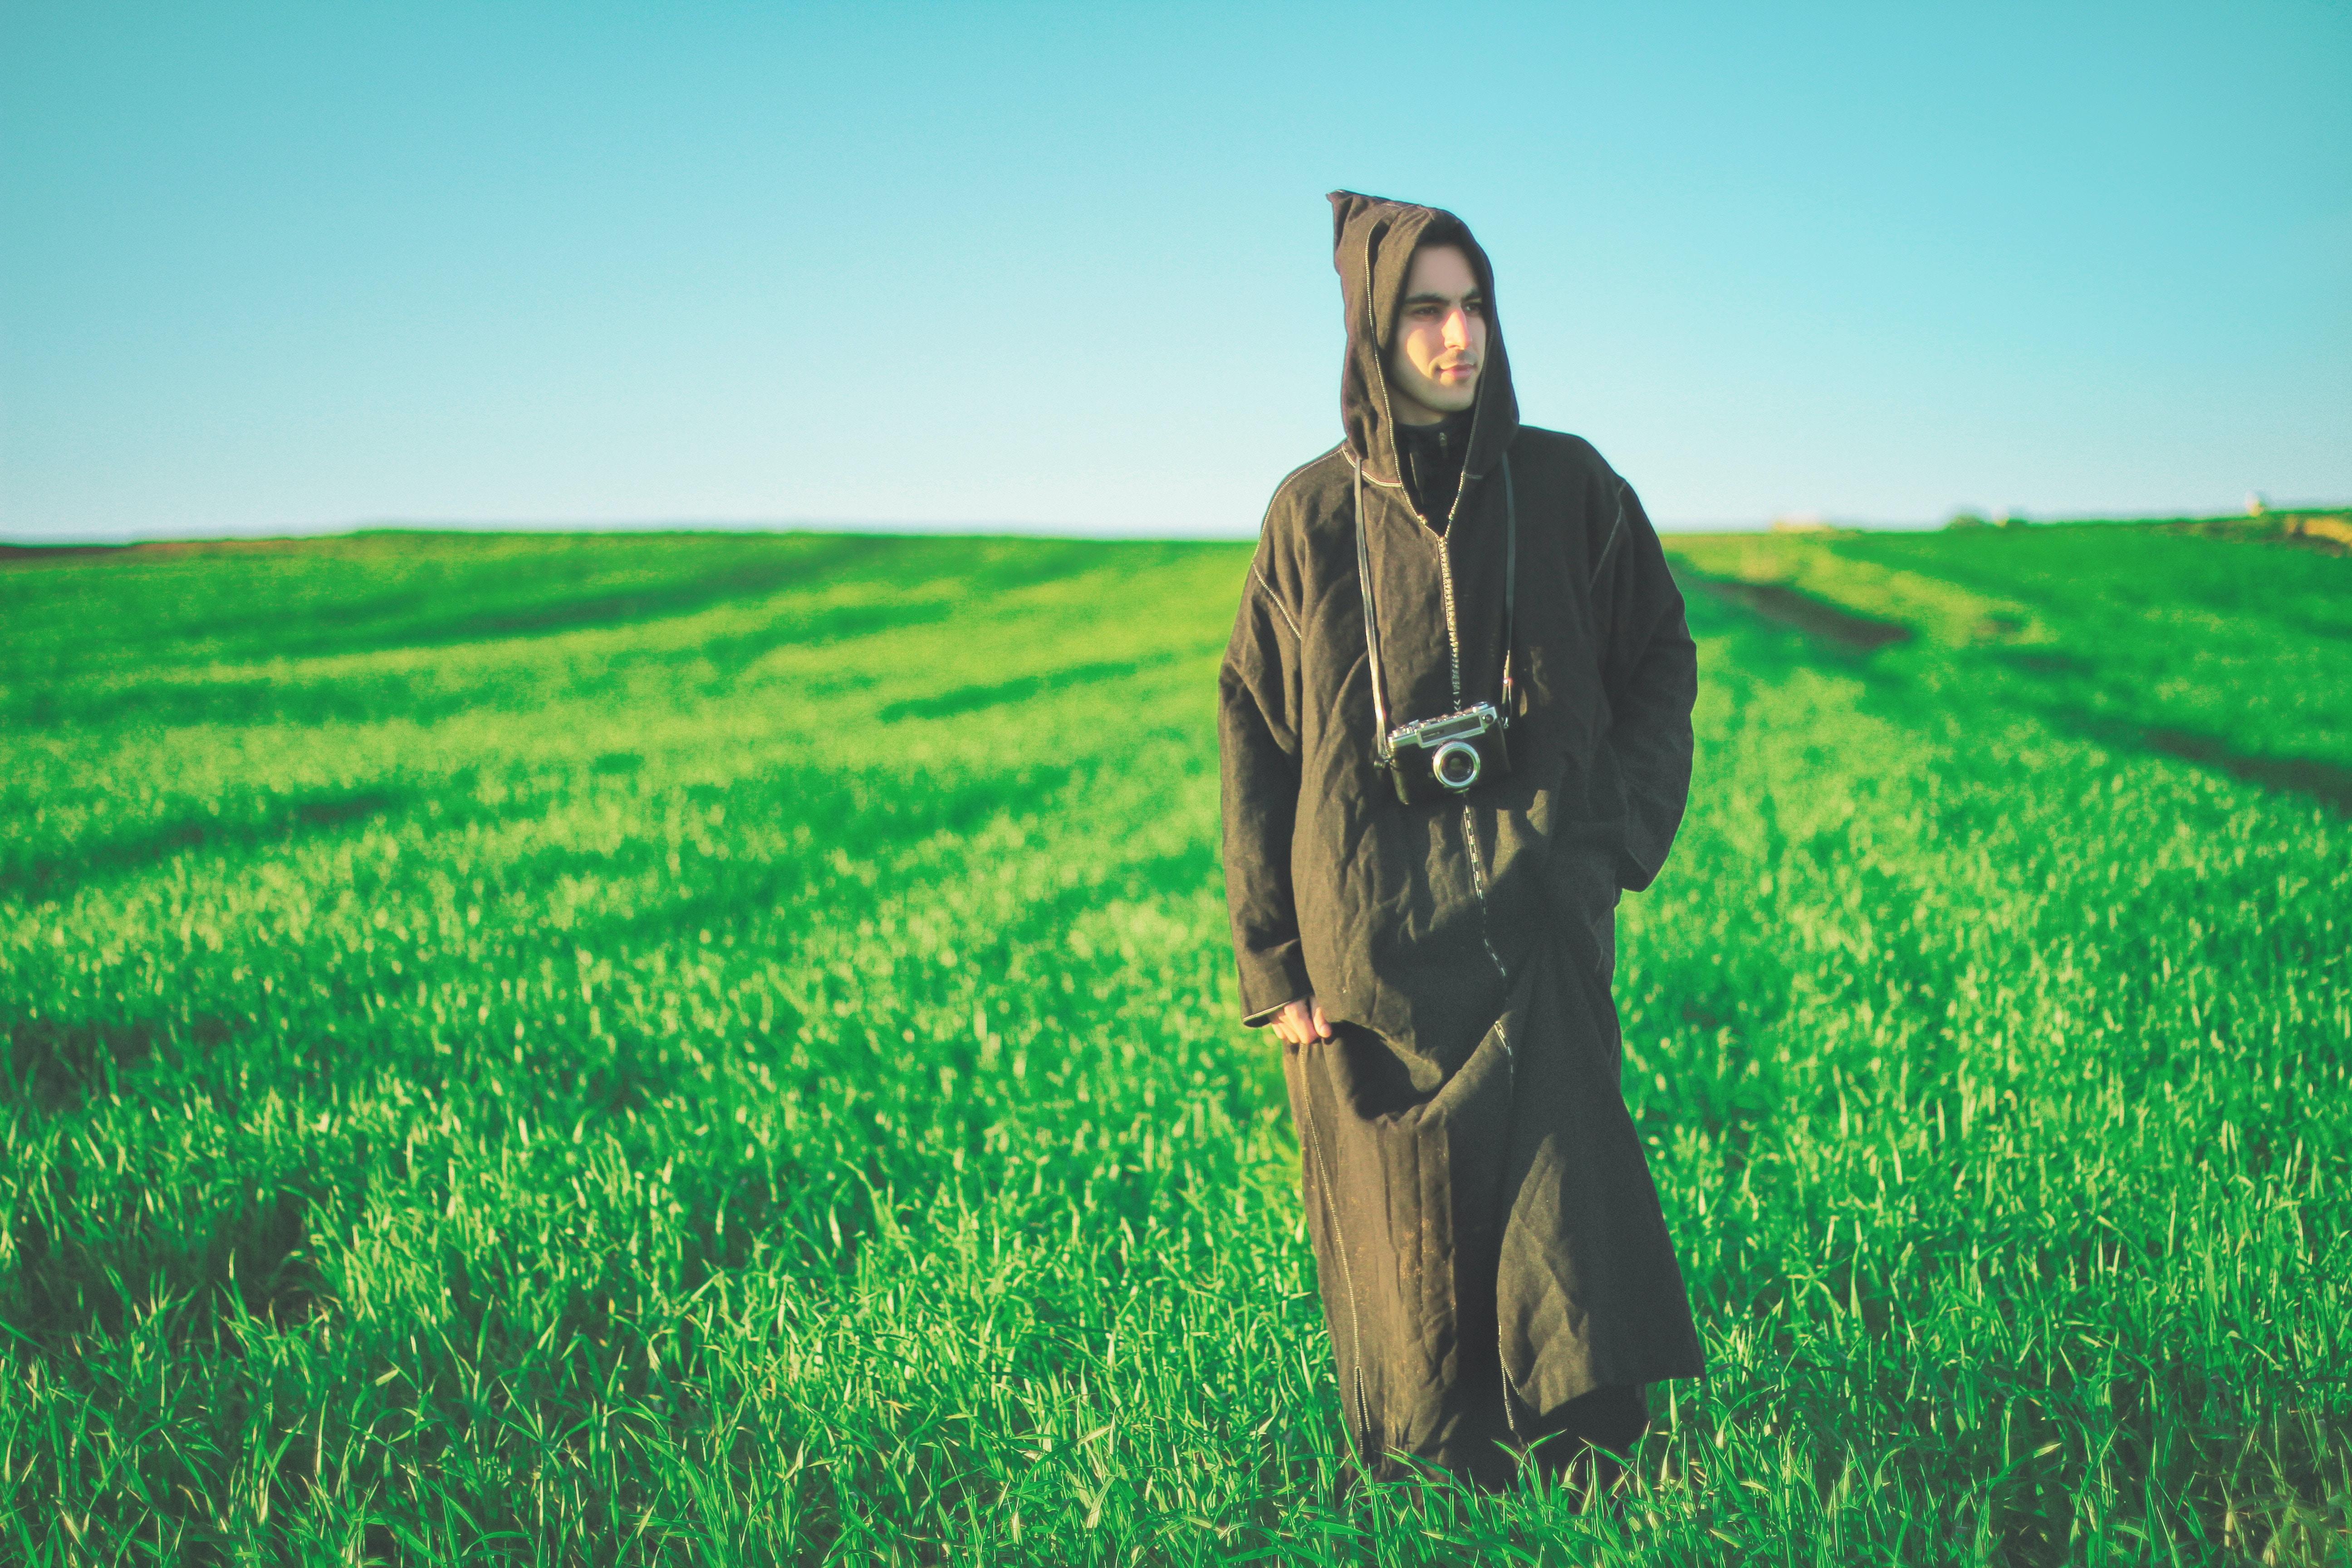 man in robe walking on green grass field